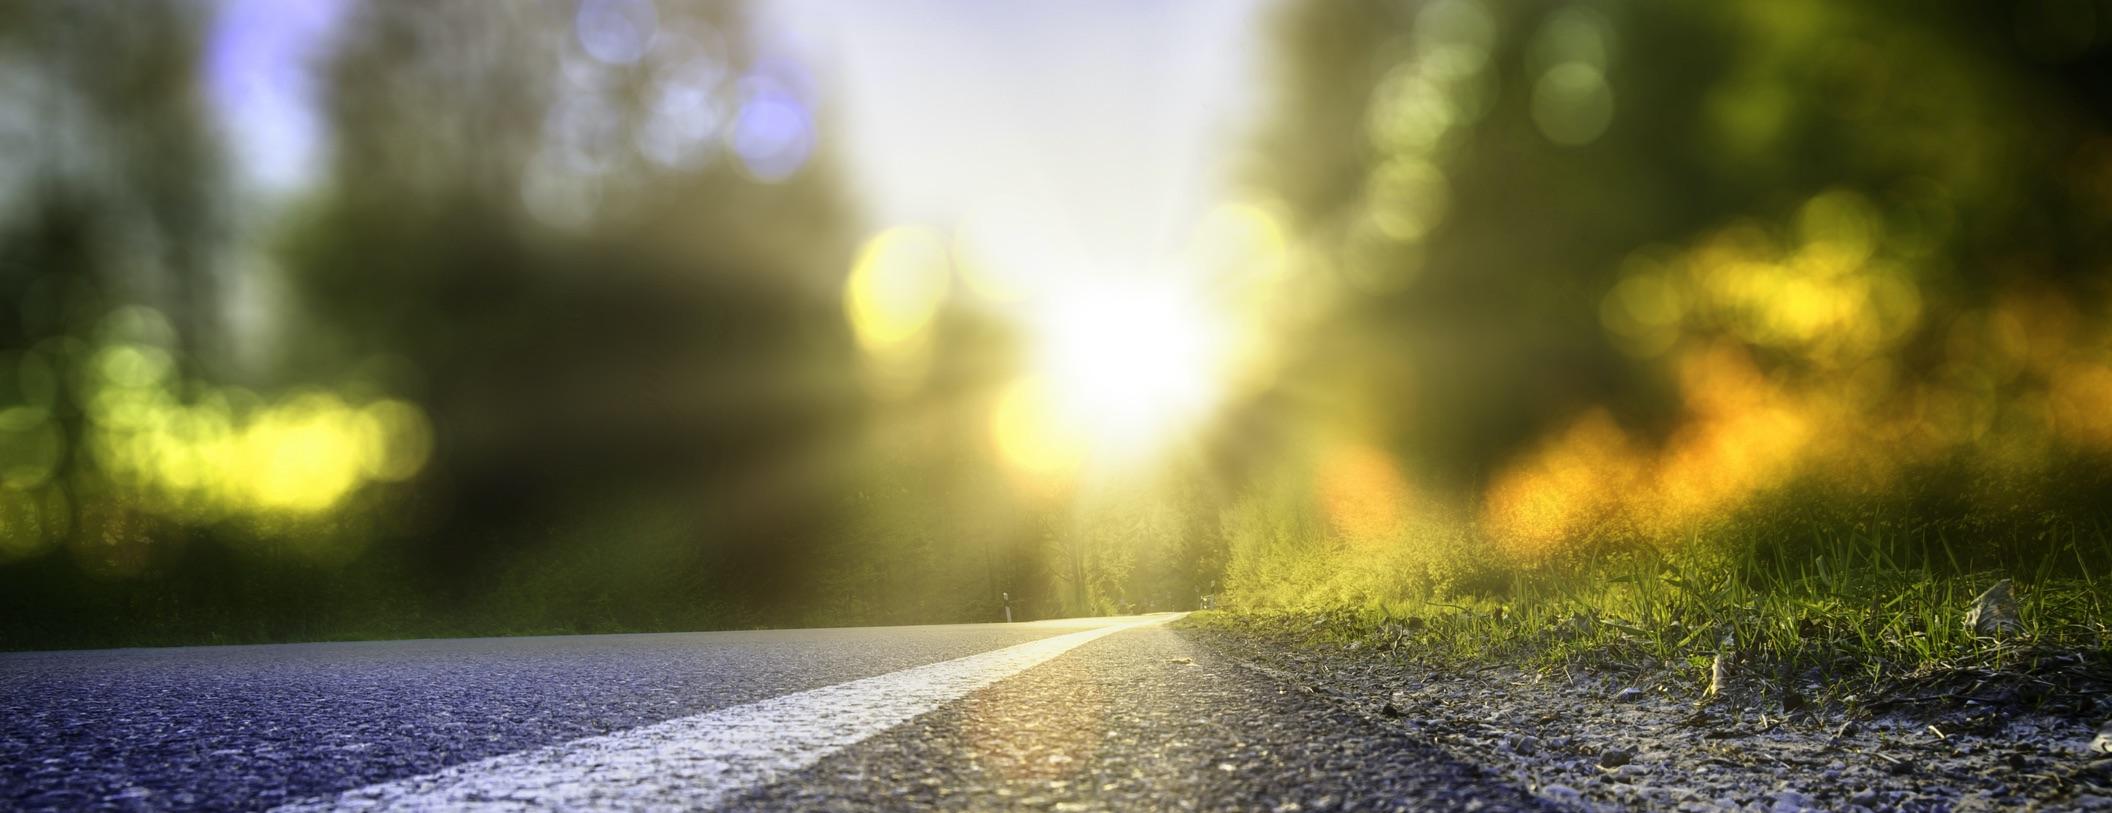 Gestalte dein Vision Board – folge deinem Traum 16./17.01.'21